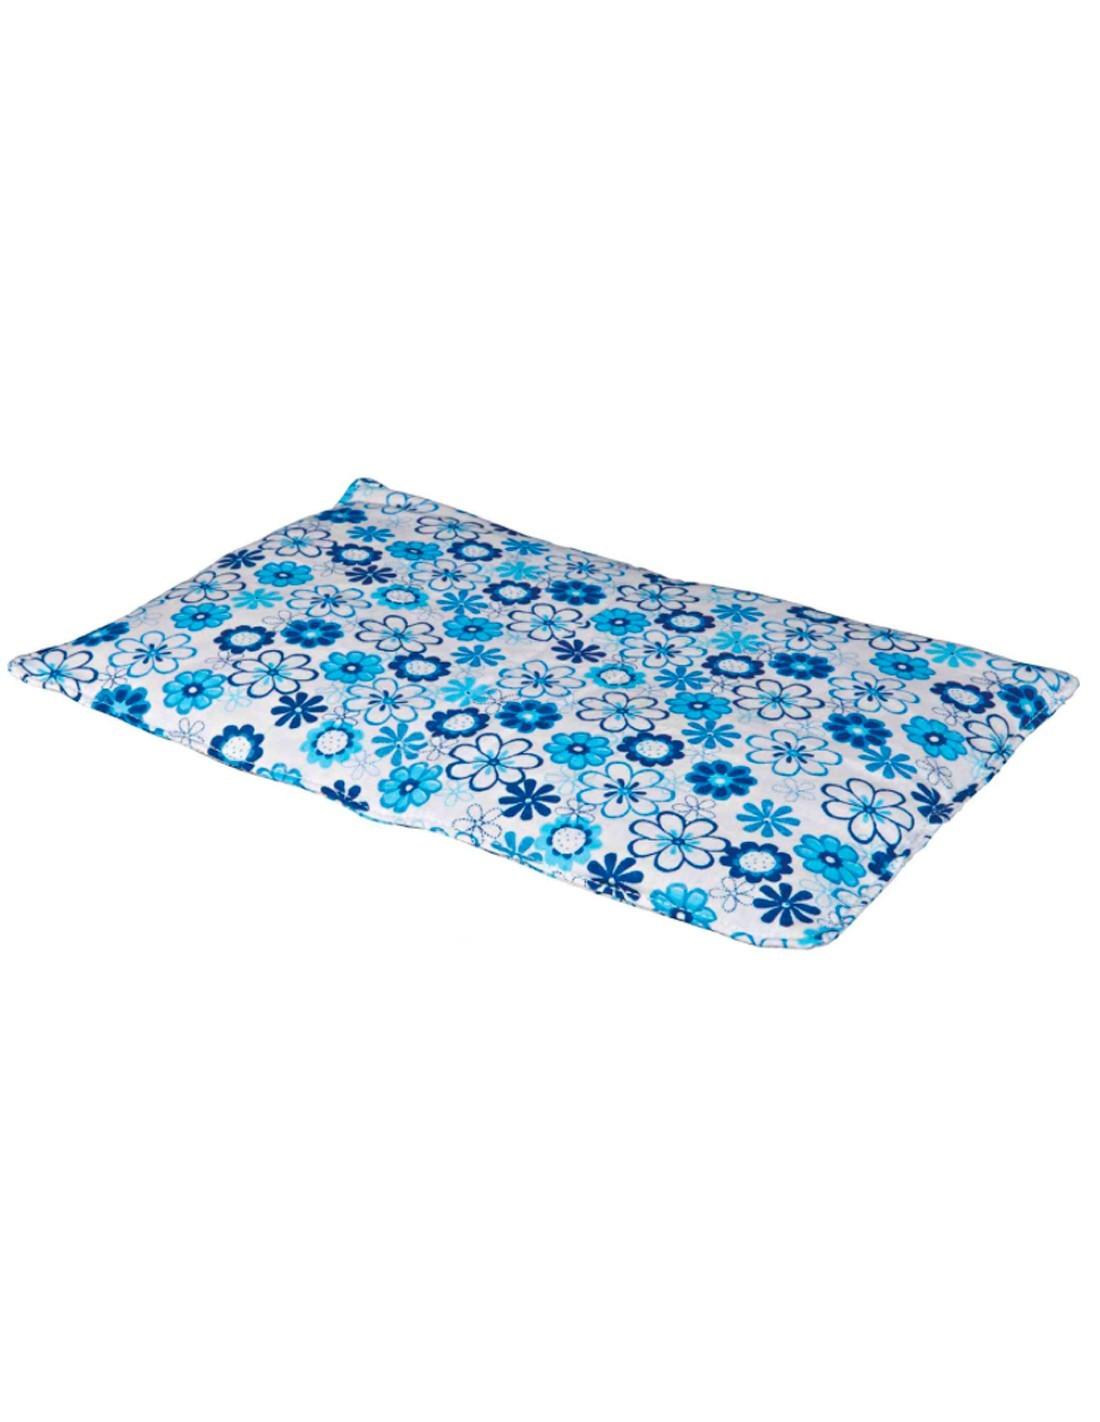 Manta con valeriana y papel crunch para gatos 30 x 20cm